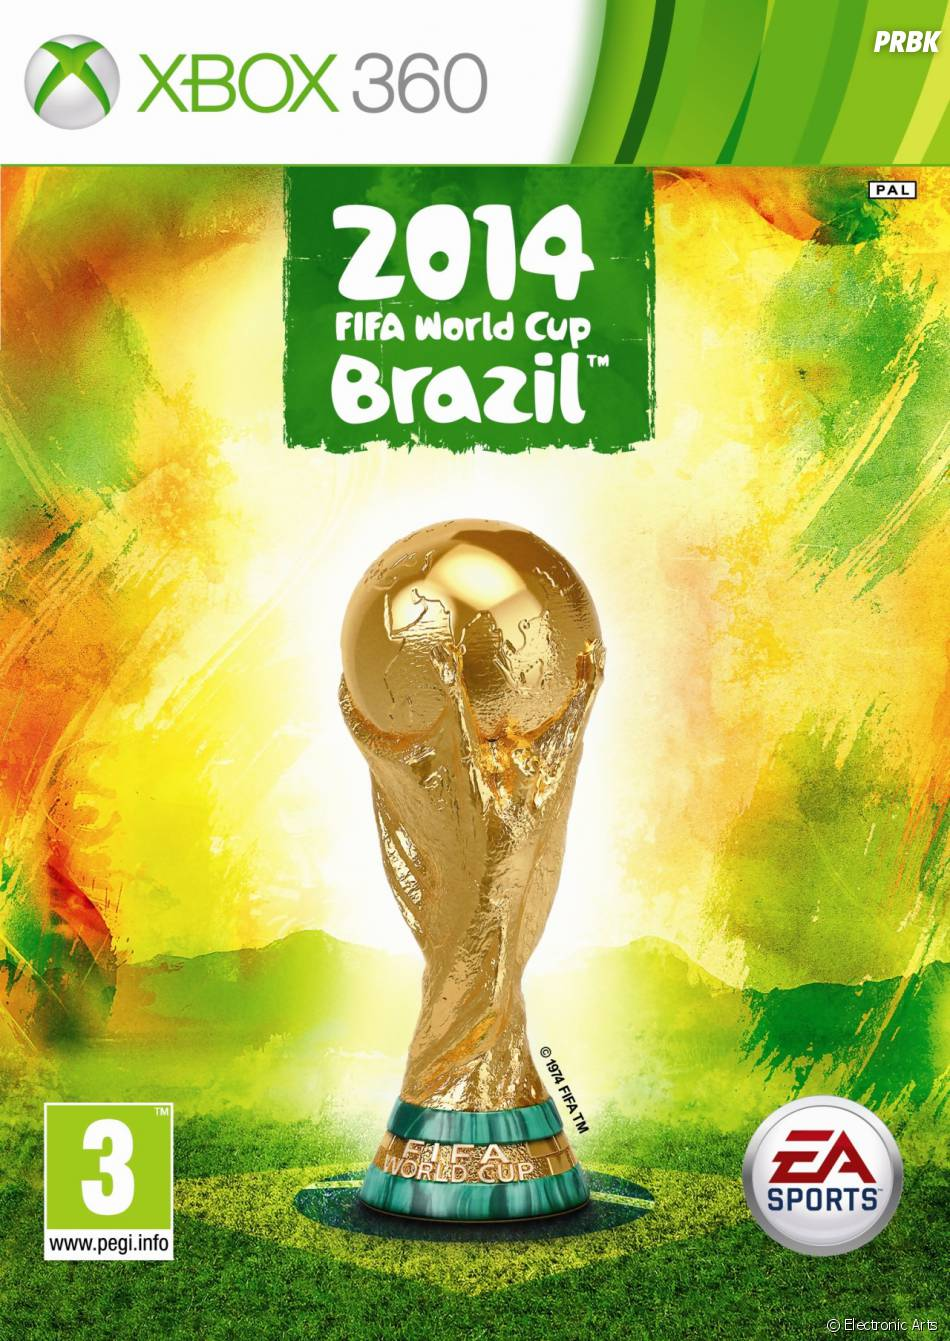 Coupe du Monde de la FIFA : Brésil 2014 : la jaquette de la version Xbox 360